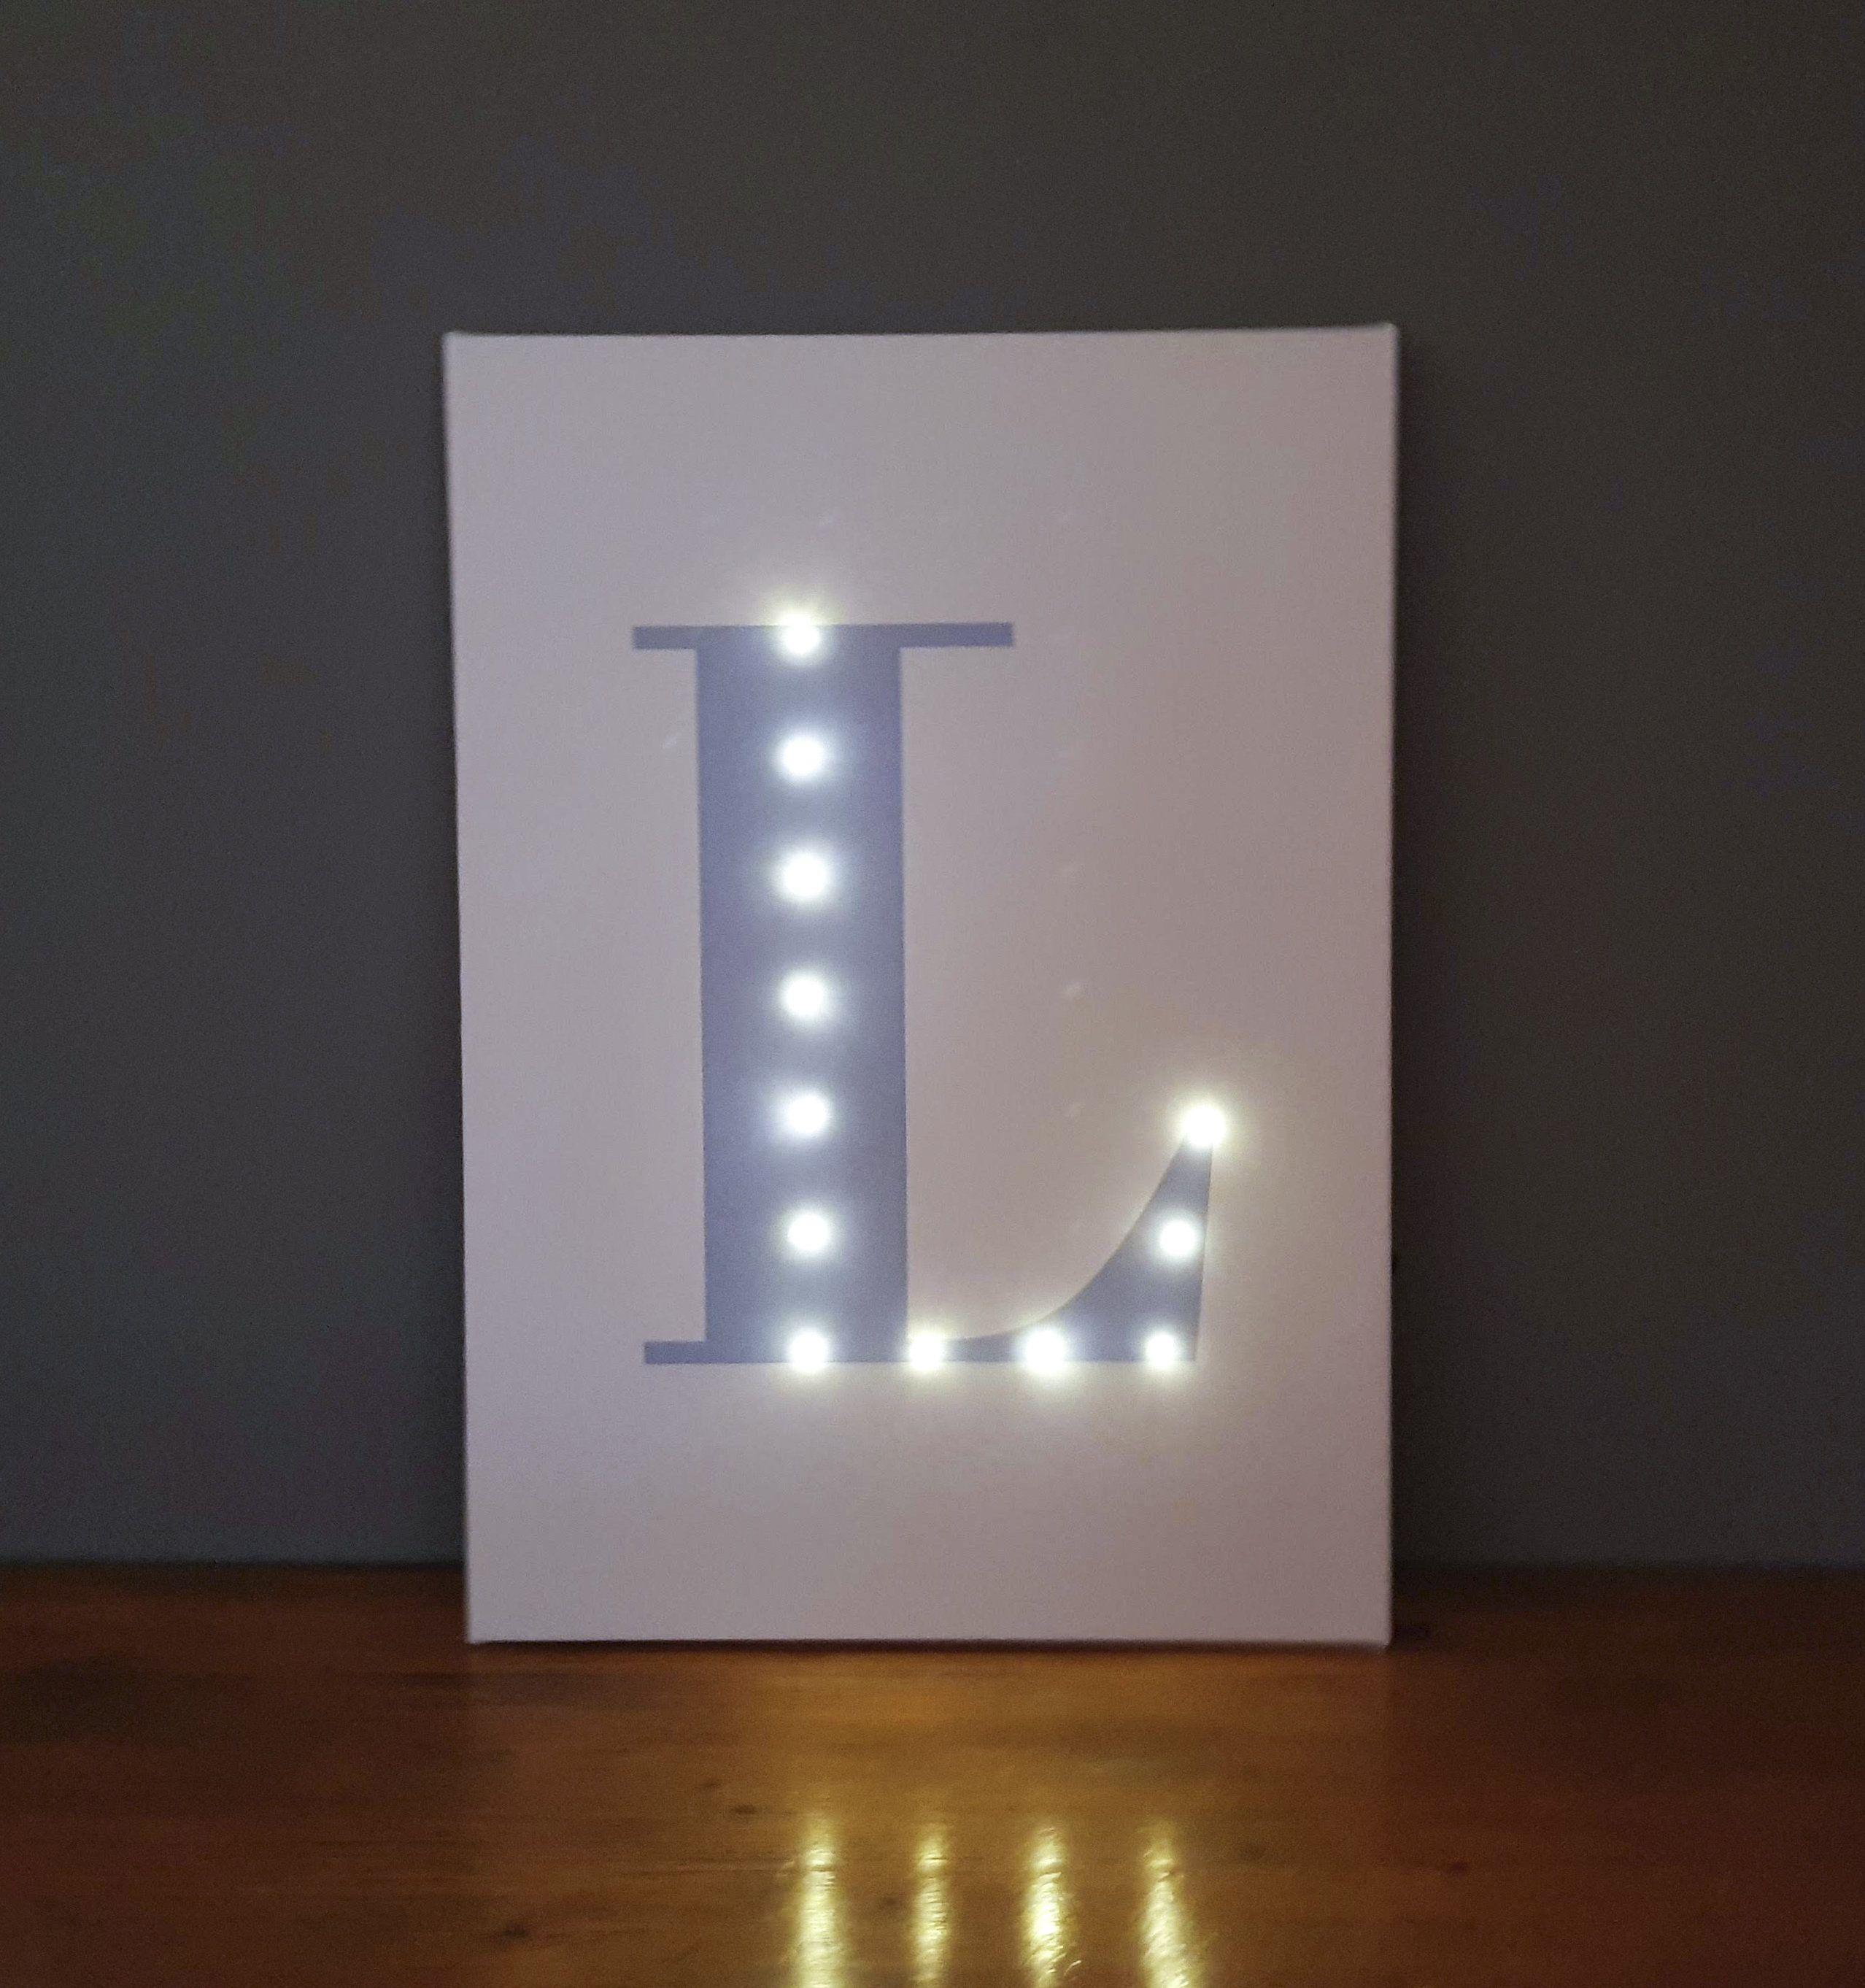 Light Up Letters Custom Lighted Sign Led Letter Custom Led Sign Illuminated Letter Marquee Lette Light Up Letters Light Up Marquee Letters Custom Lighting